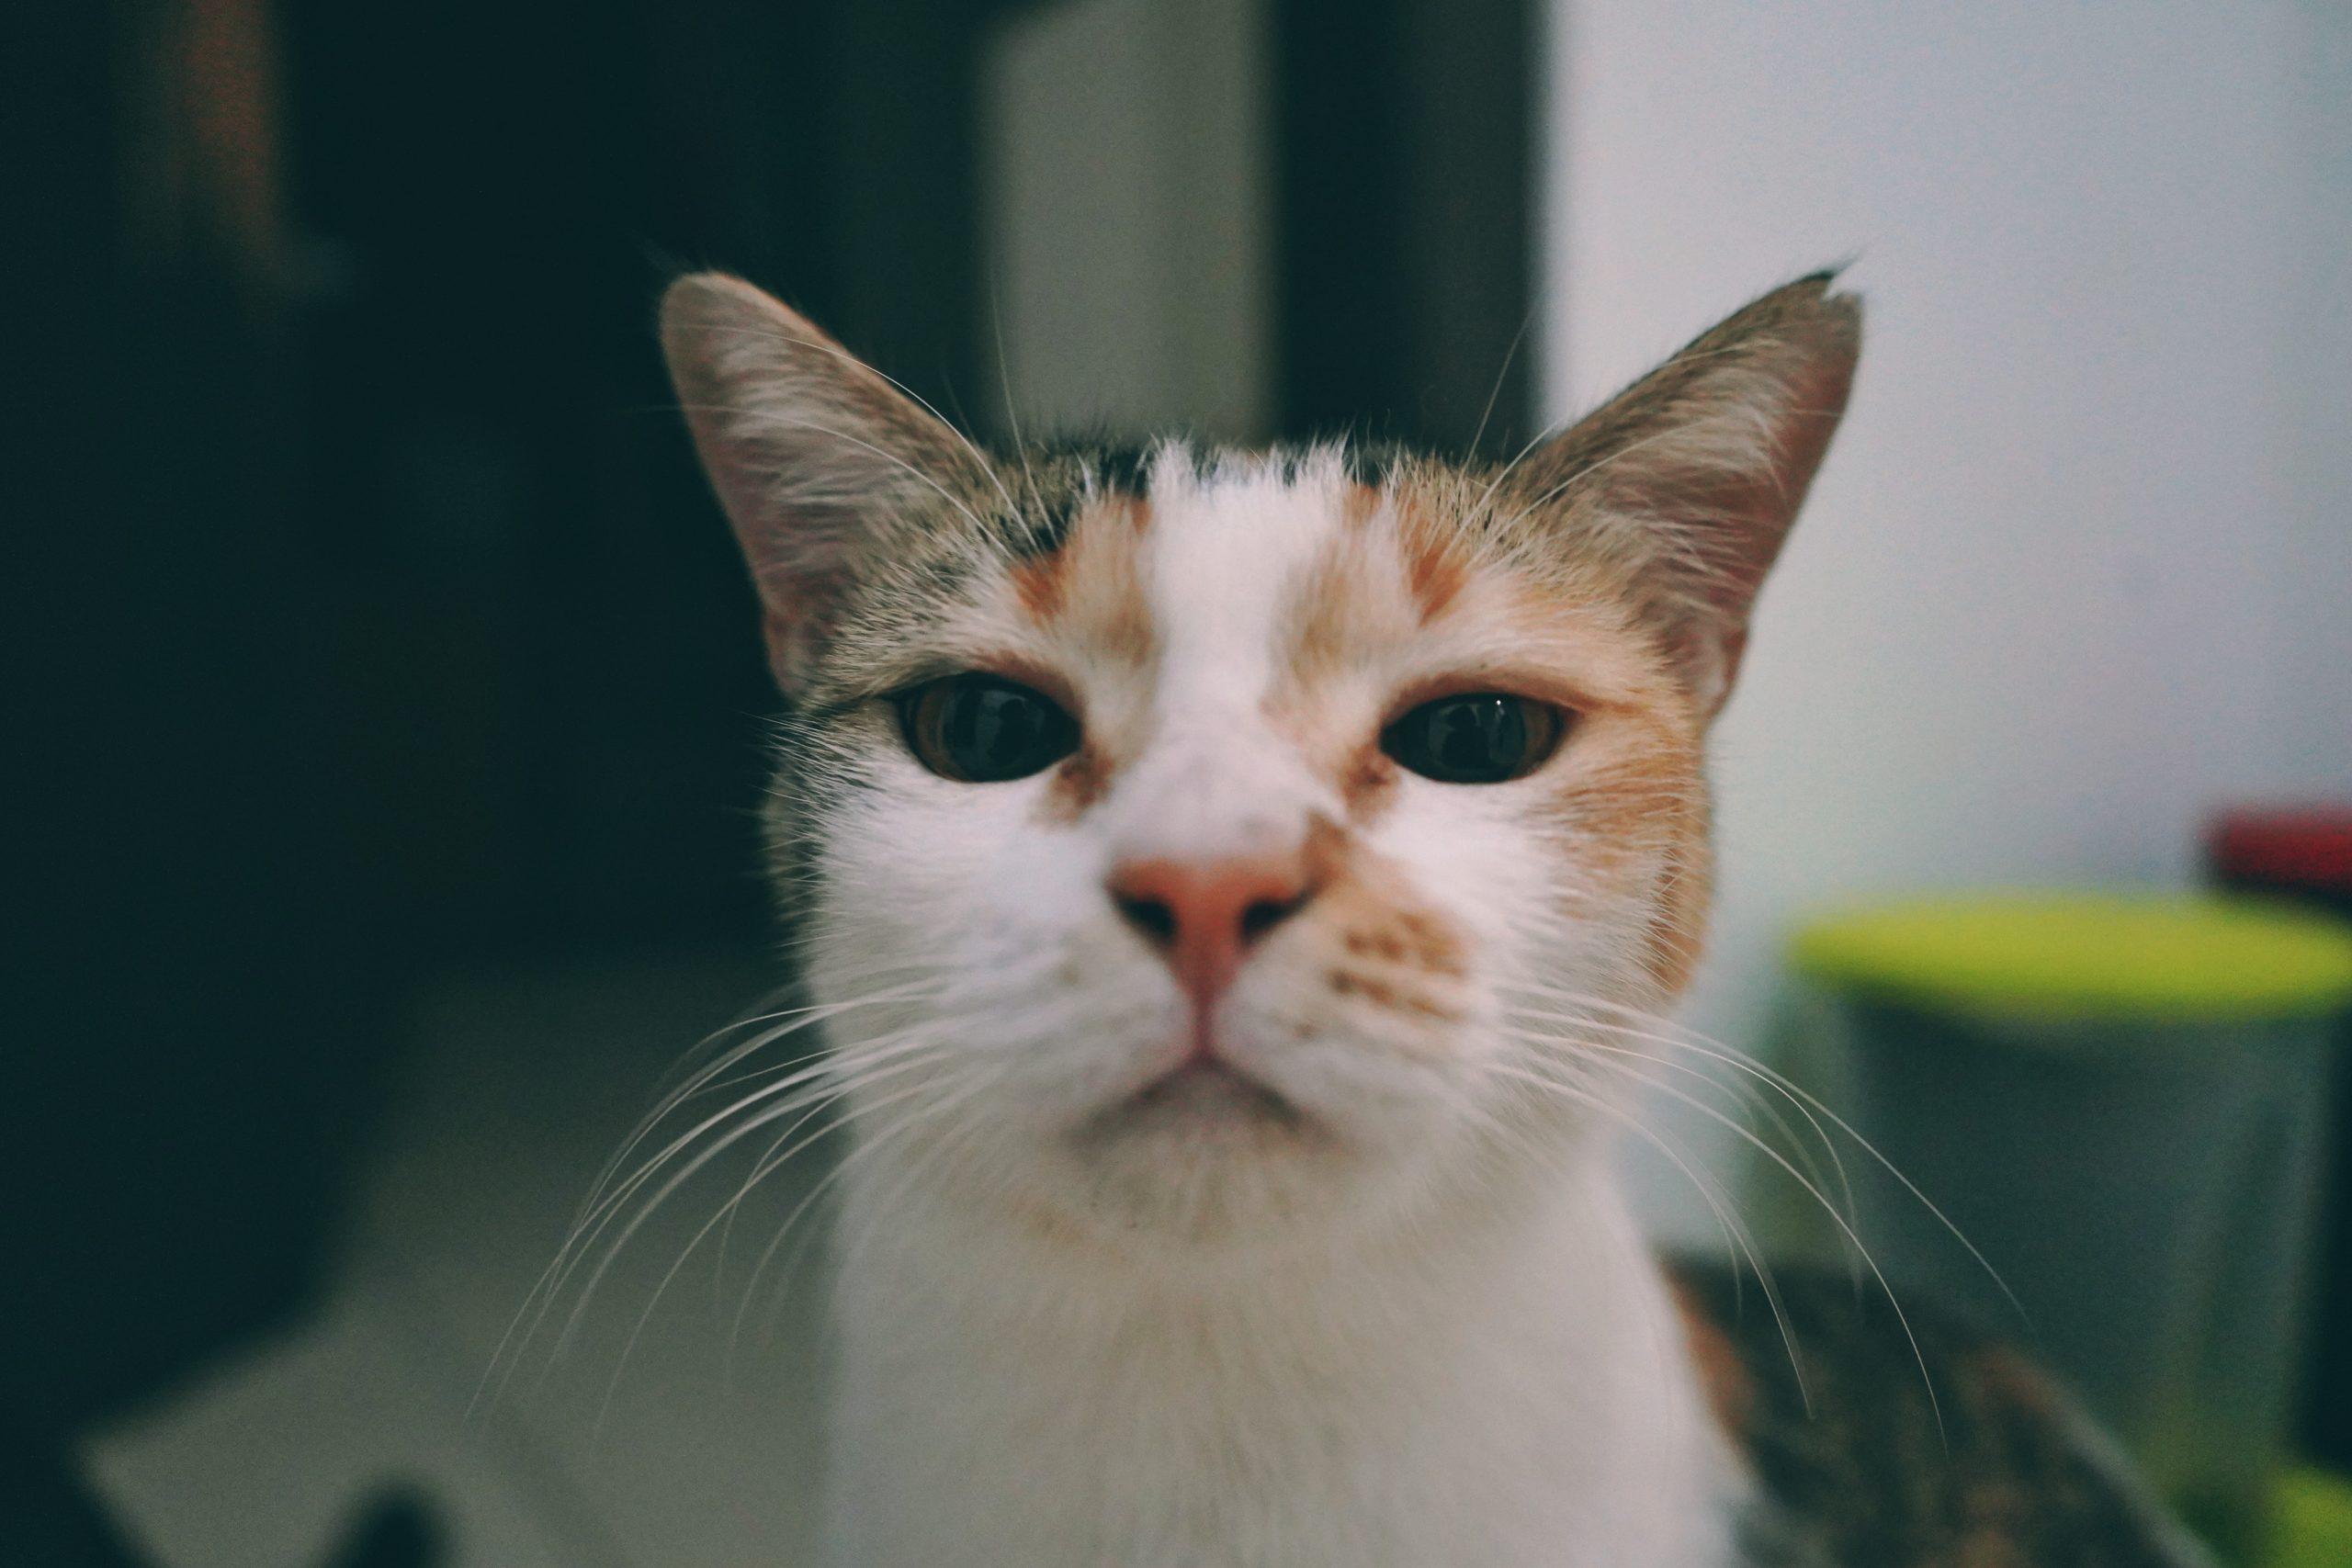 Jadi, Kamu Traveling dan Kucing-Kucingmu Jaga Rumah?